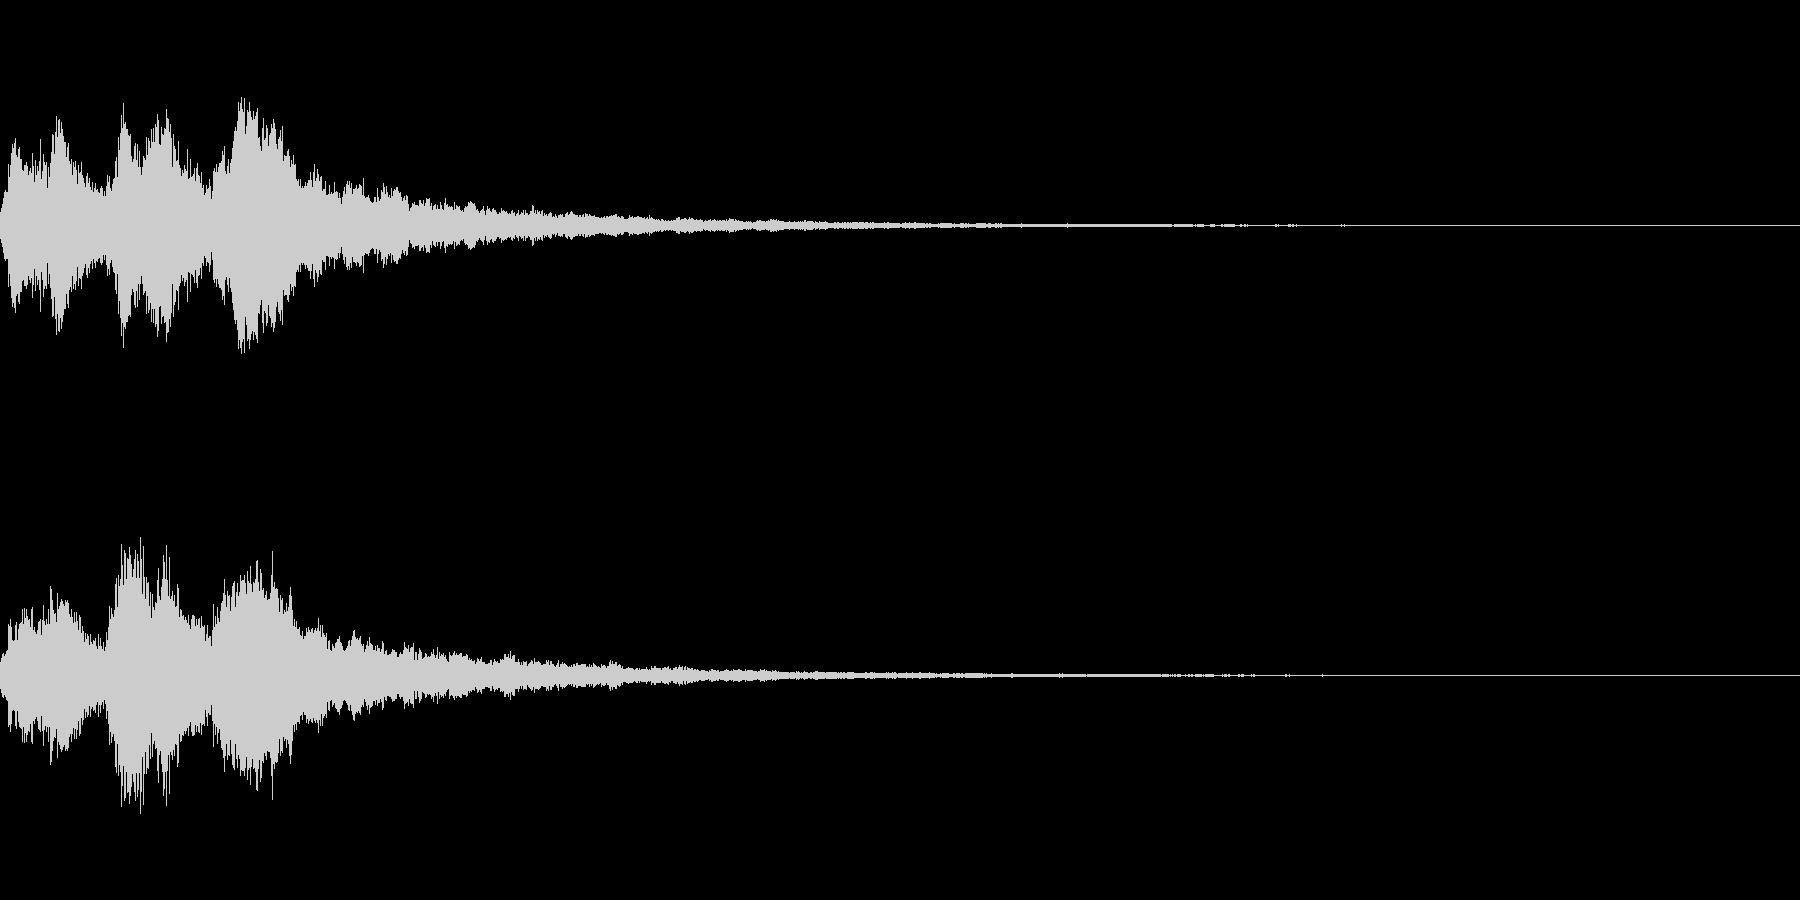 3段階のキラキラジングルの未再生の波形